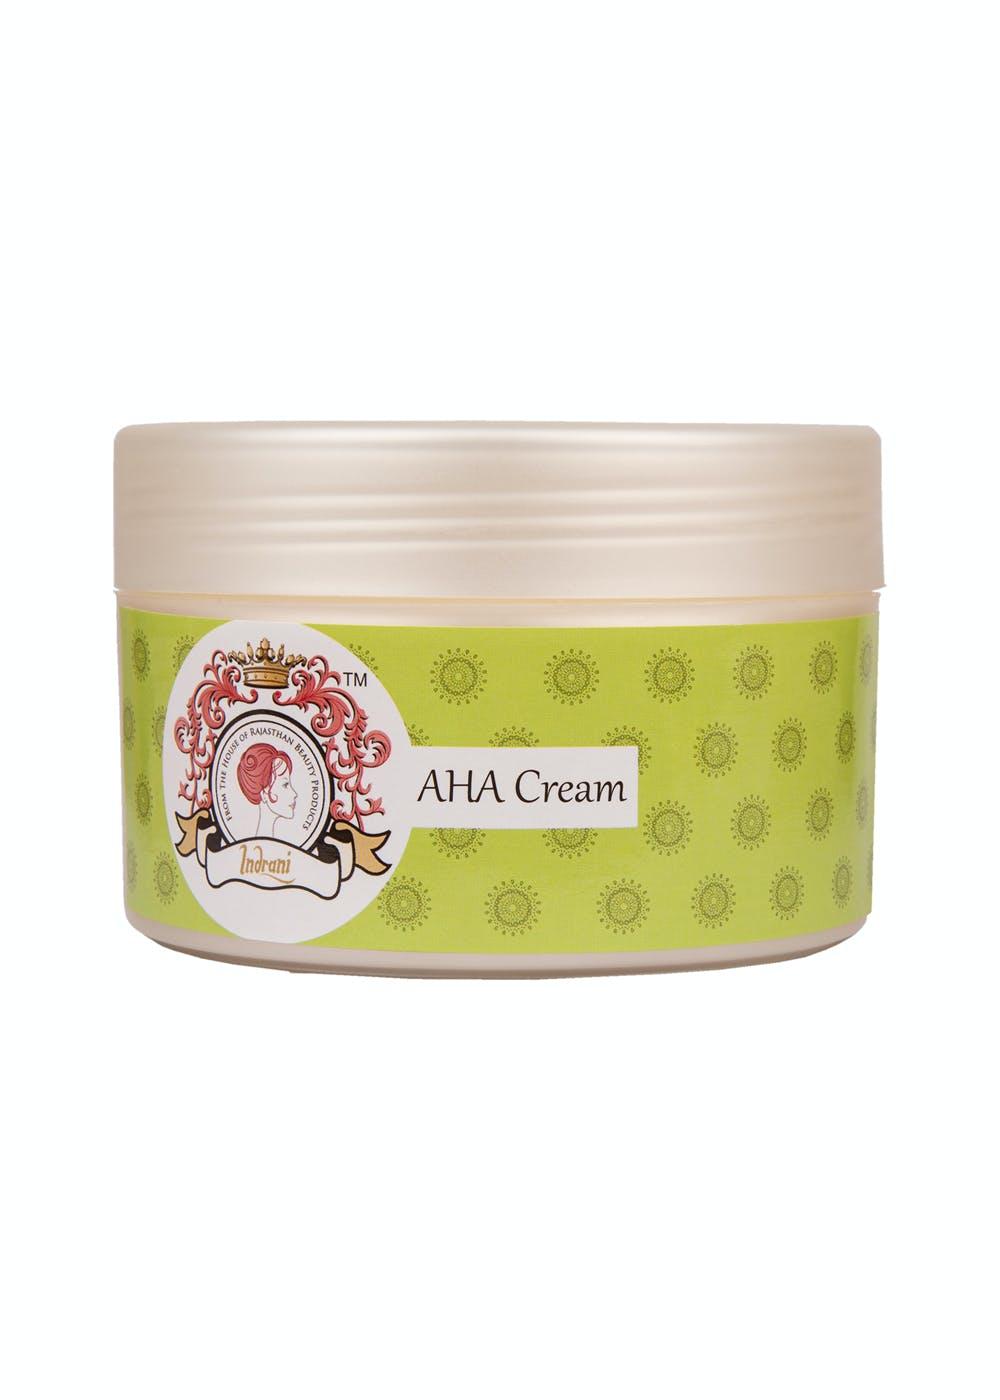 A.H.A Cream - 300gm